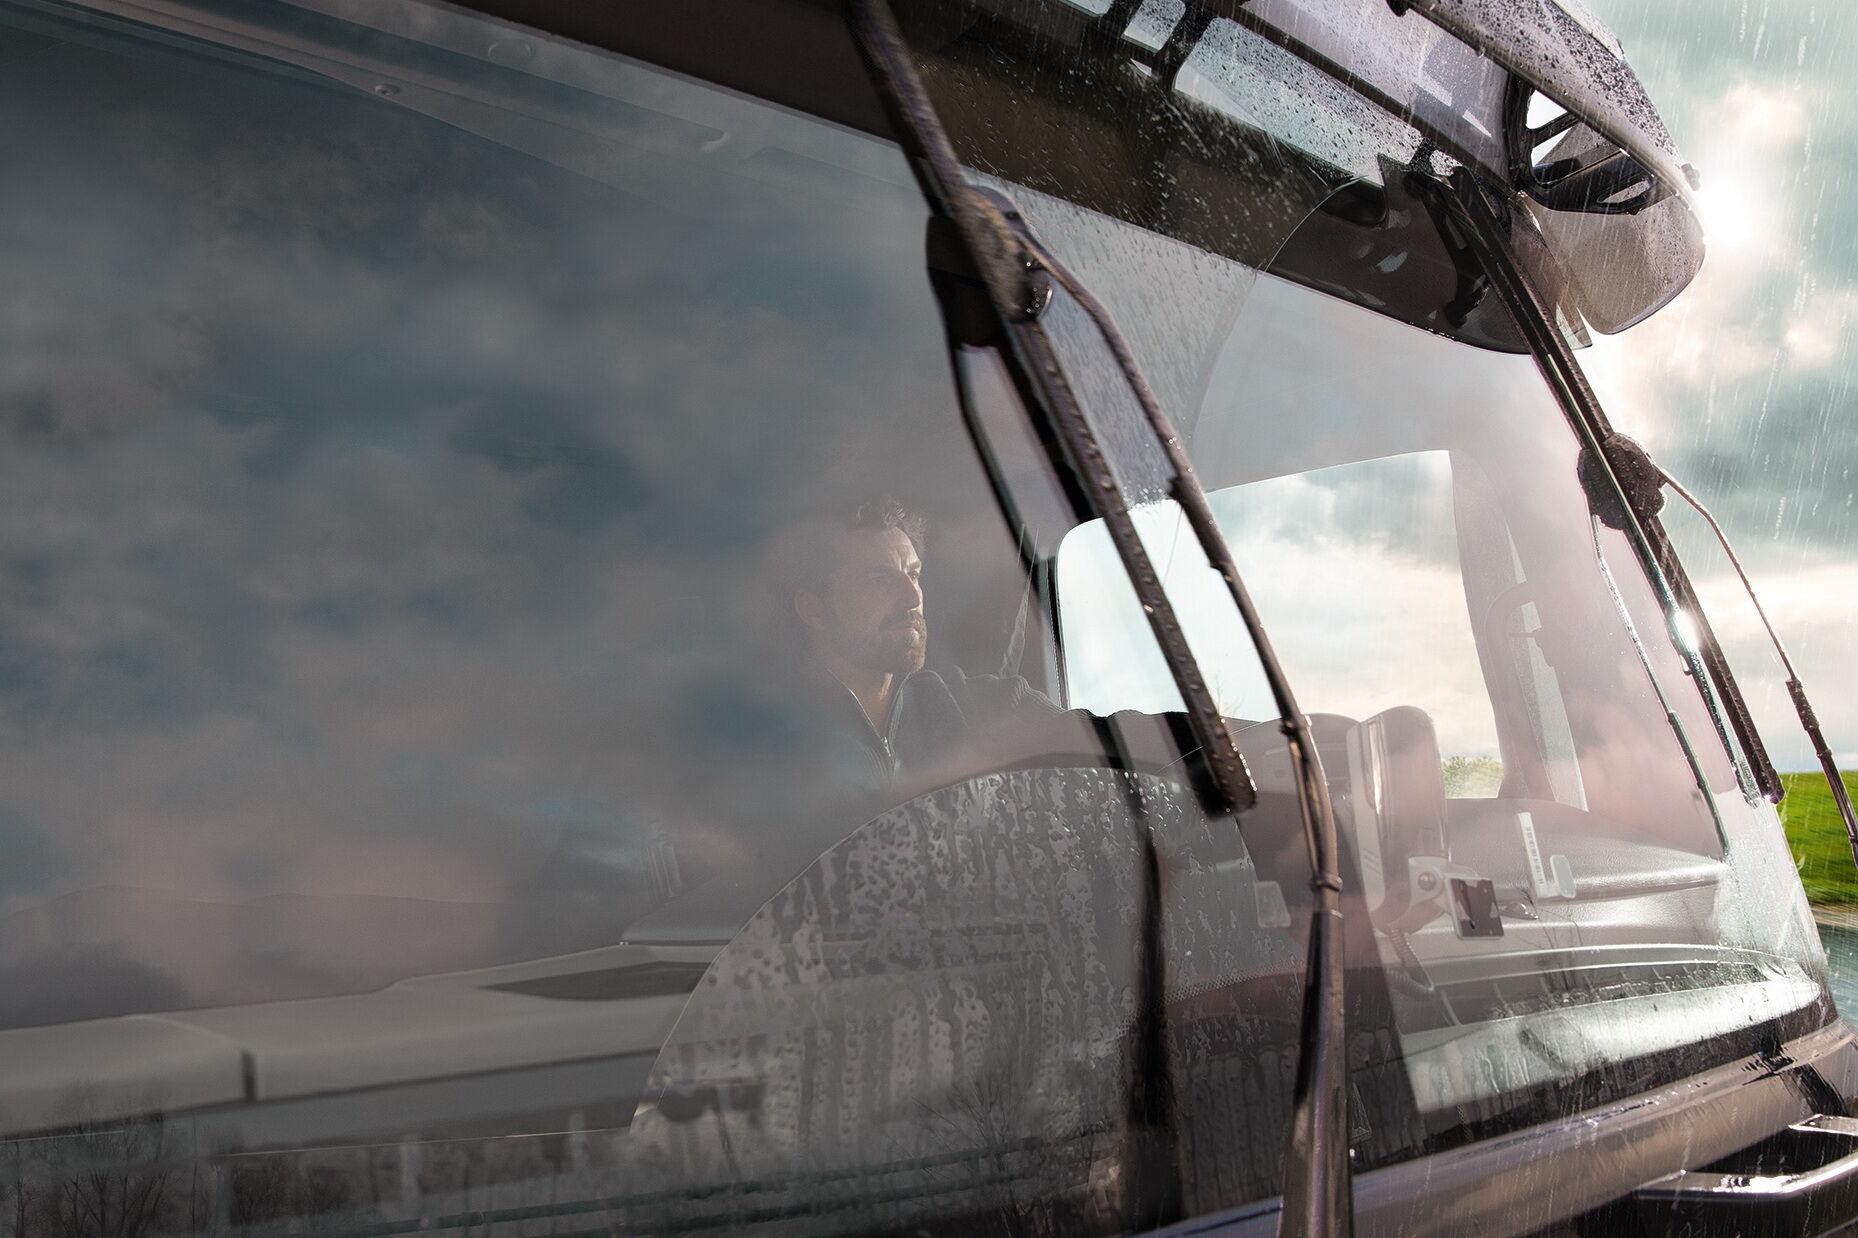 Bosch Wiper App получило серьезное обновление: список доступных для выбора моделей пополнился коммерческим автотранспортом